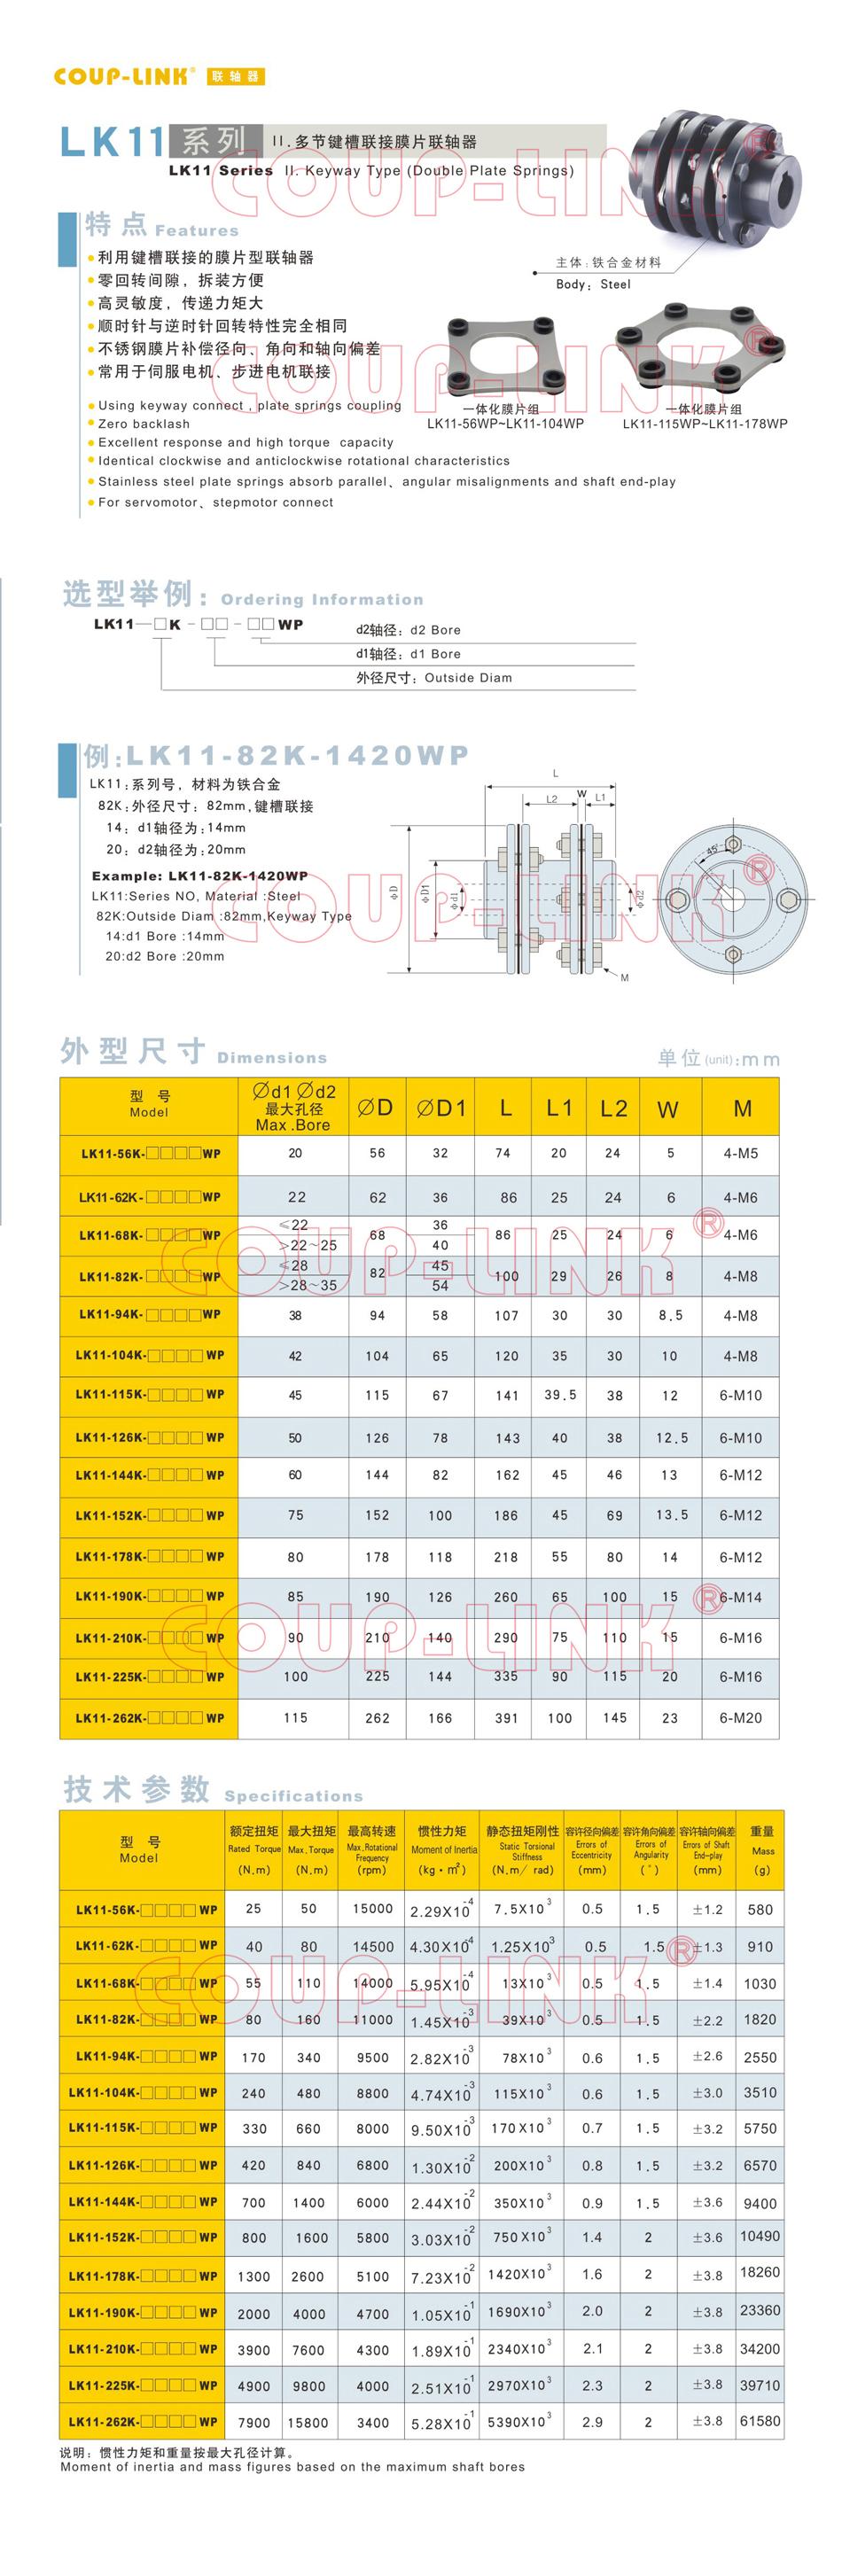 LK11系列 多節鍵槽聯接老子有钱平台_老子有钱app種類-廣州老子有钱自動化設備有限公司